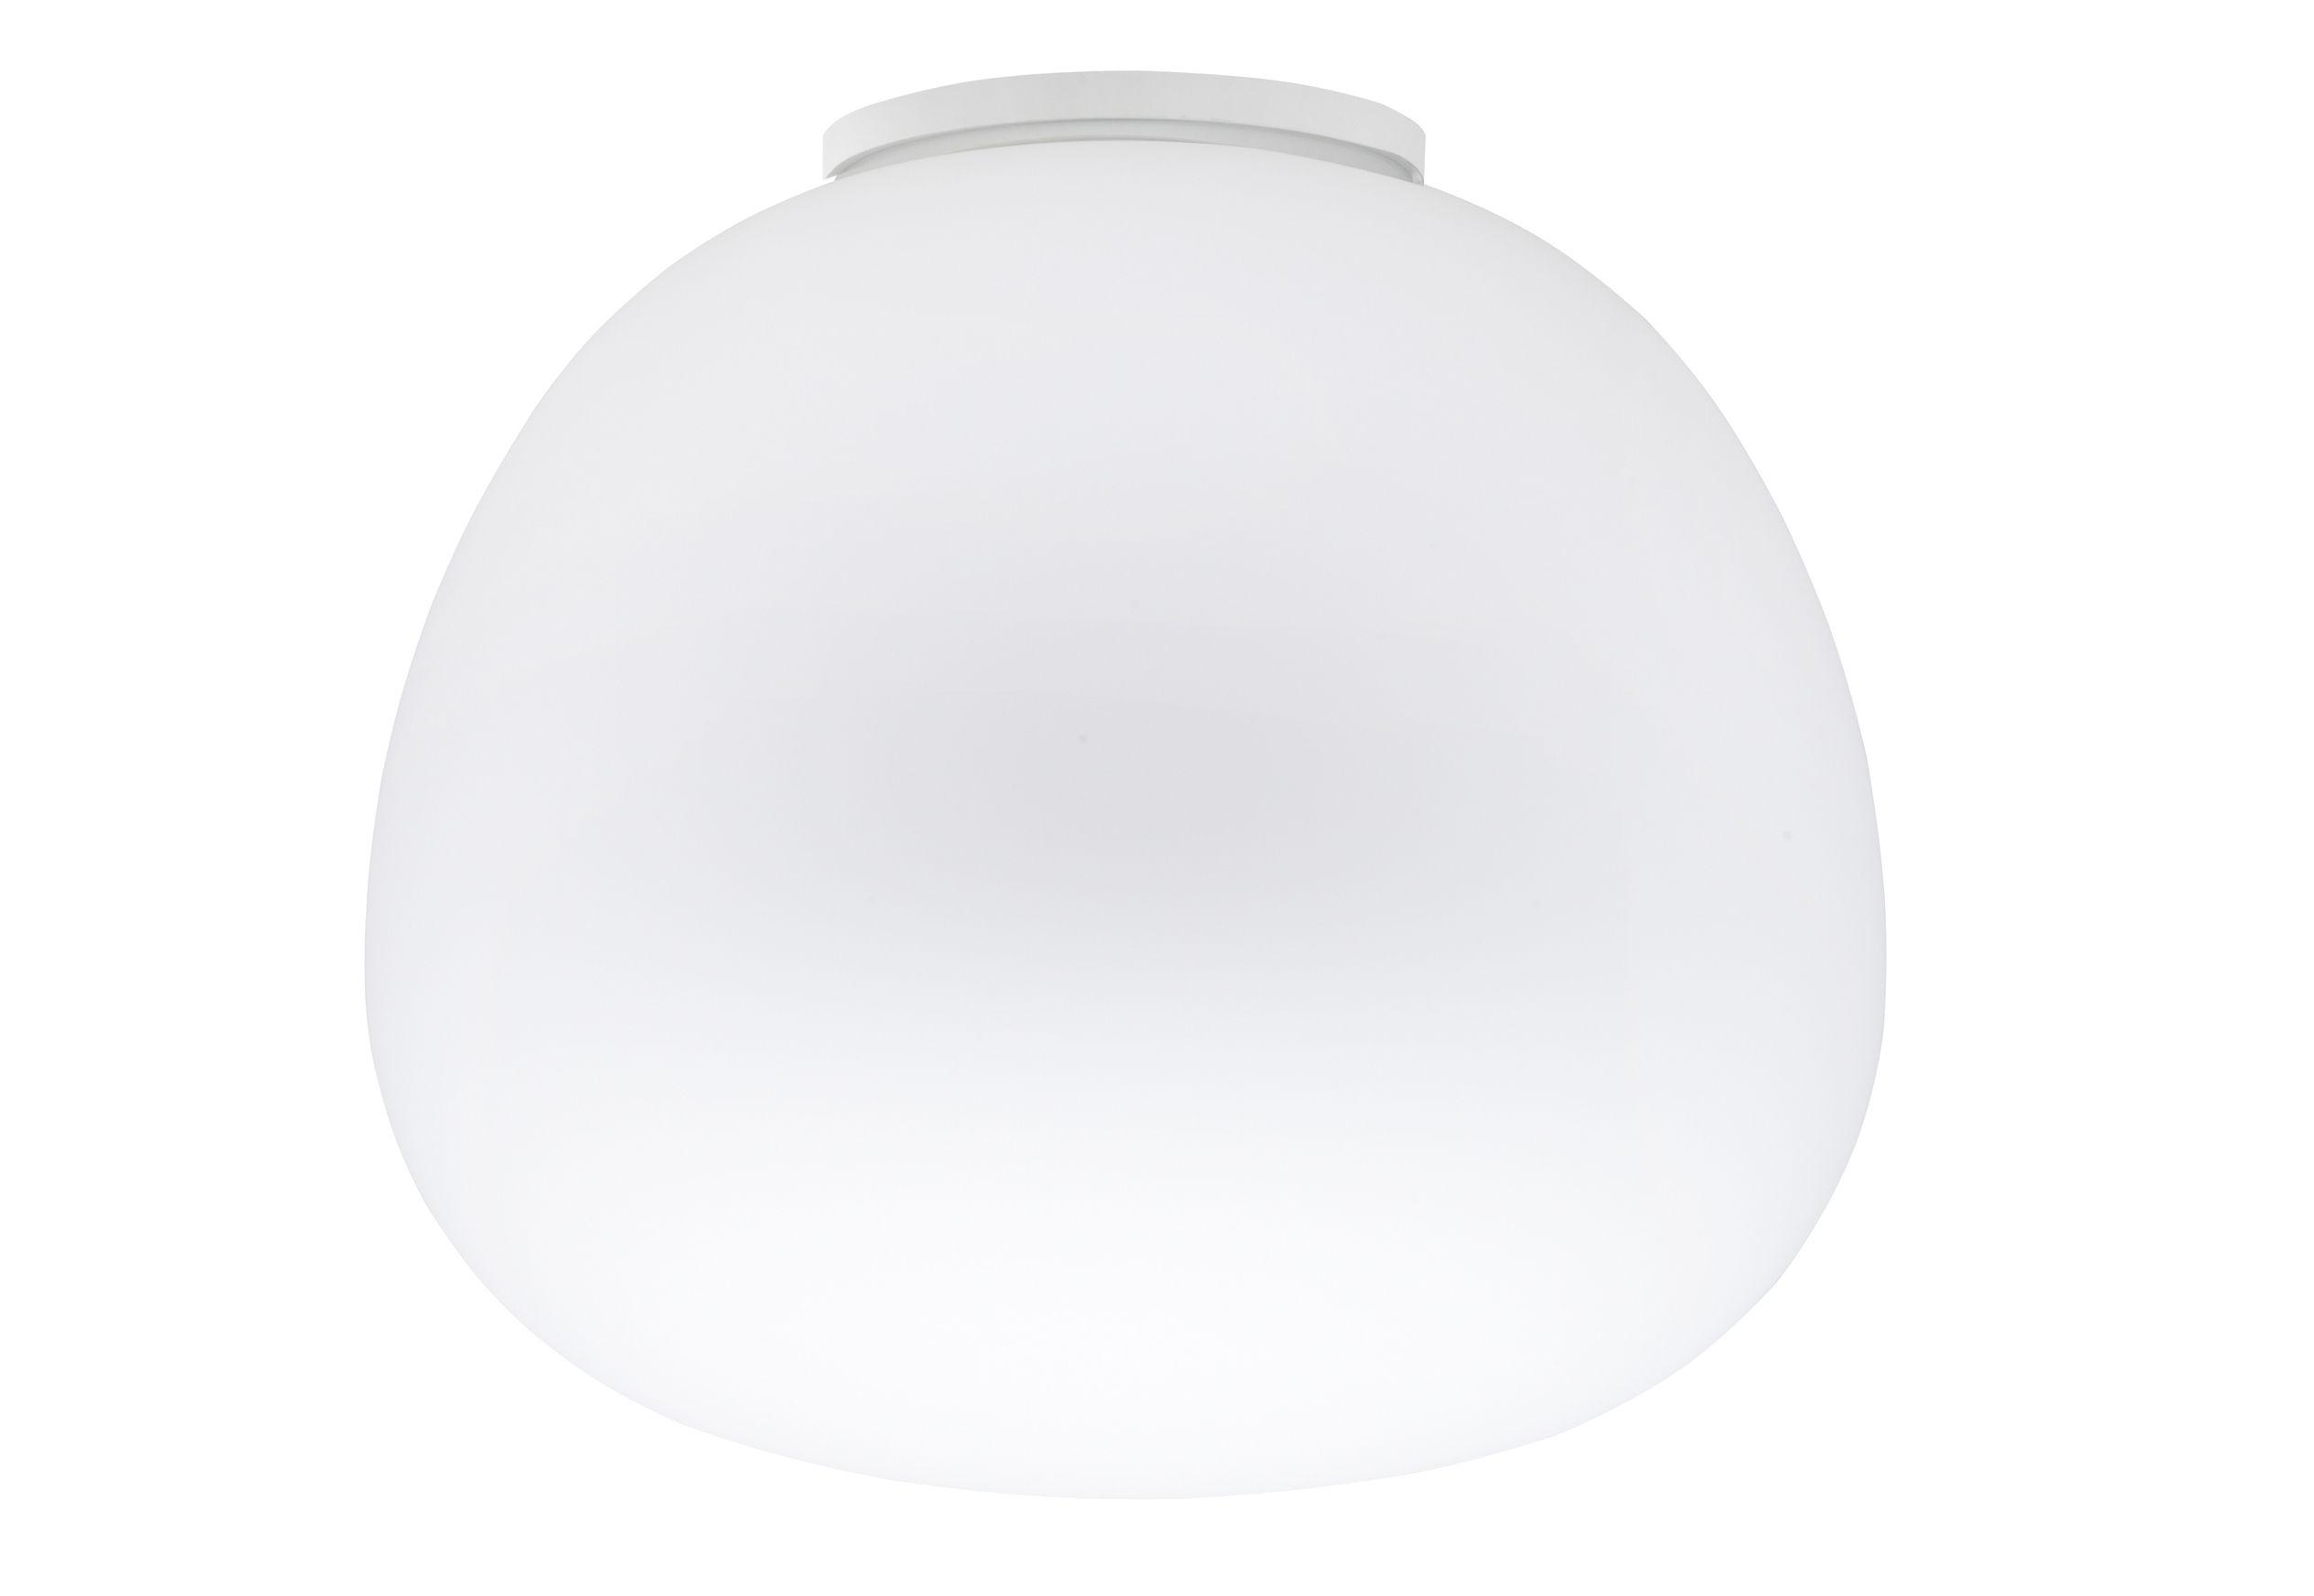 Illuminazione - Plafoniere - Plafoniera Mochi - Ø 45 cm di Fabbian - Bianco - Ø 45 cm - Vetro